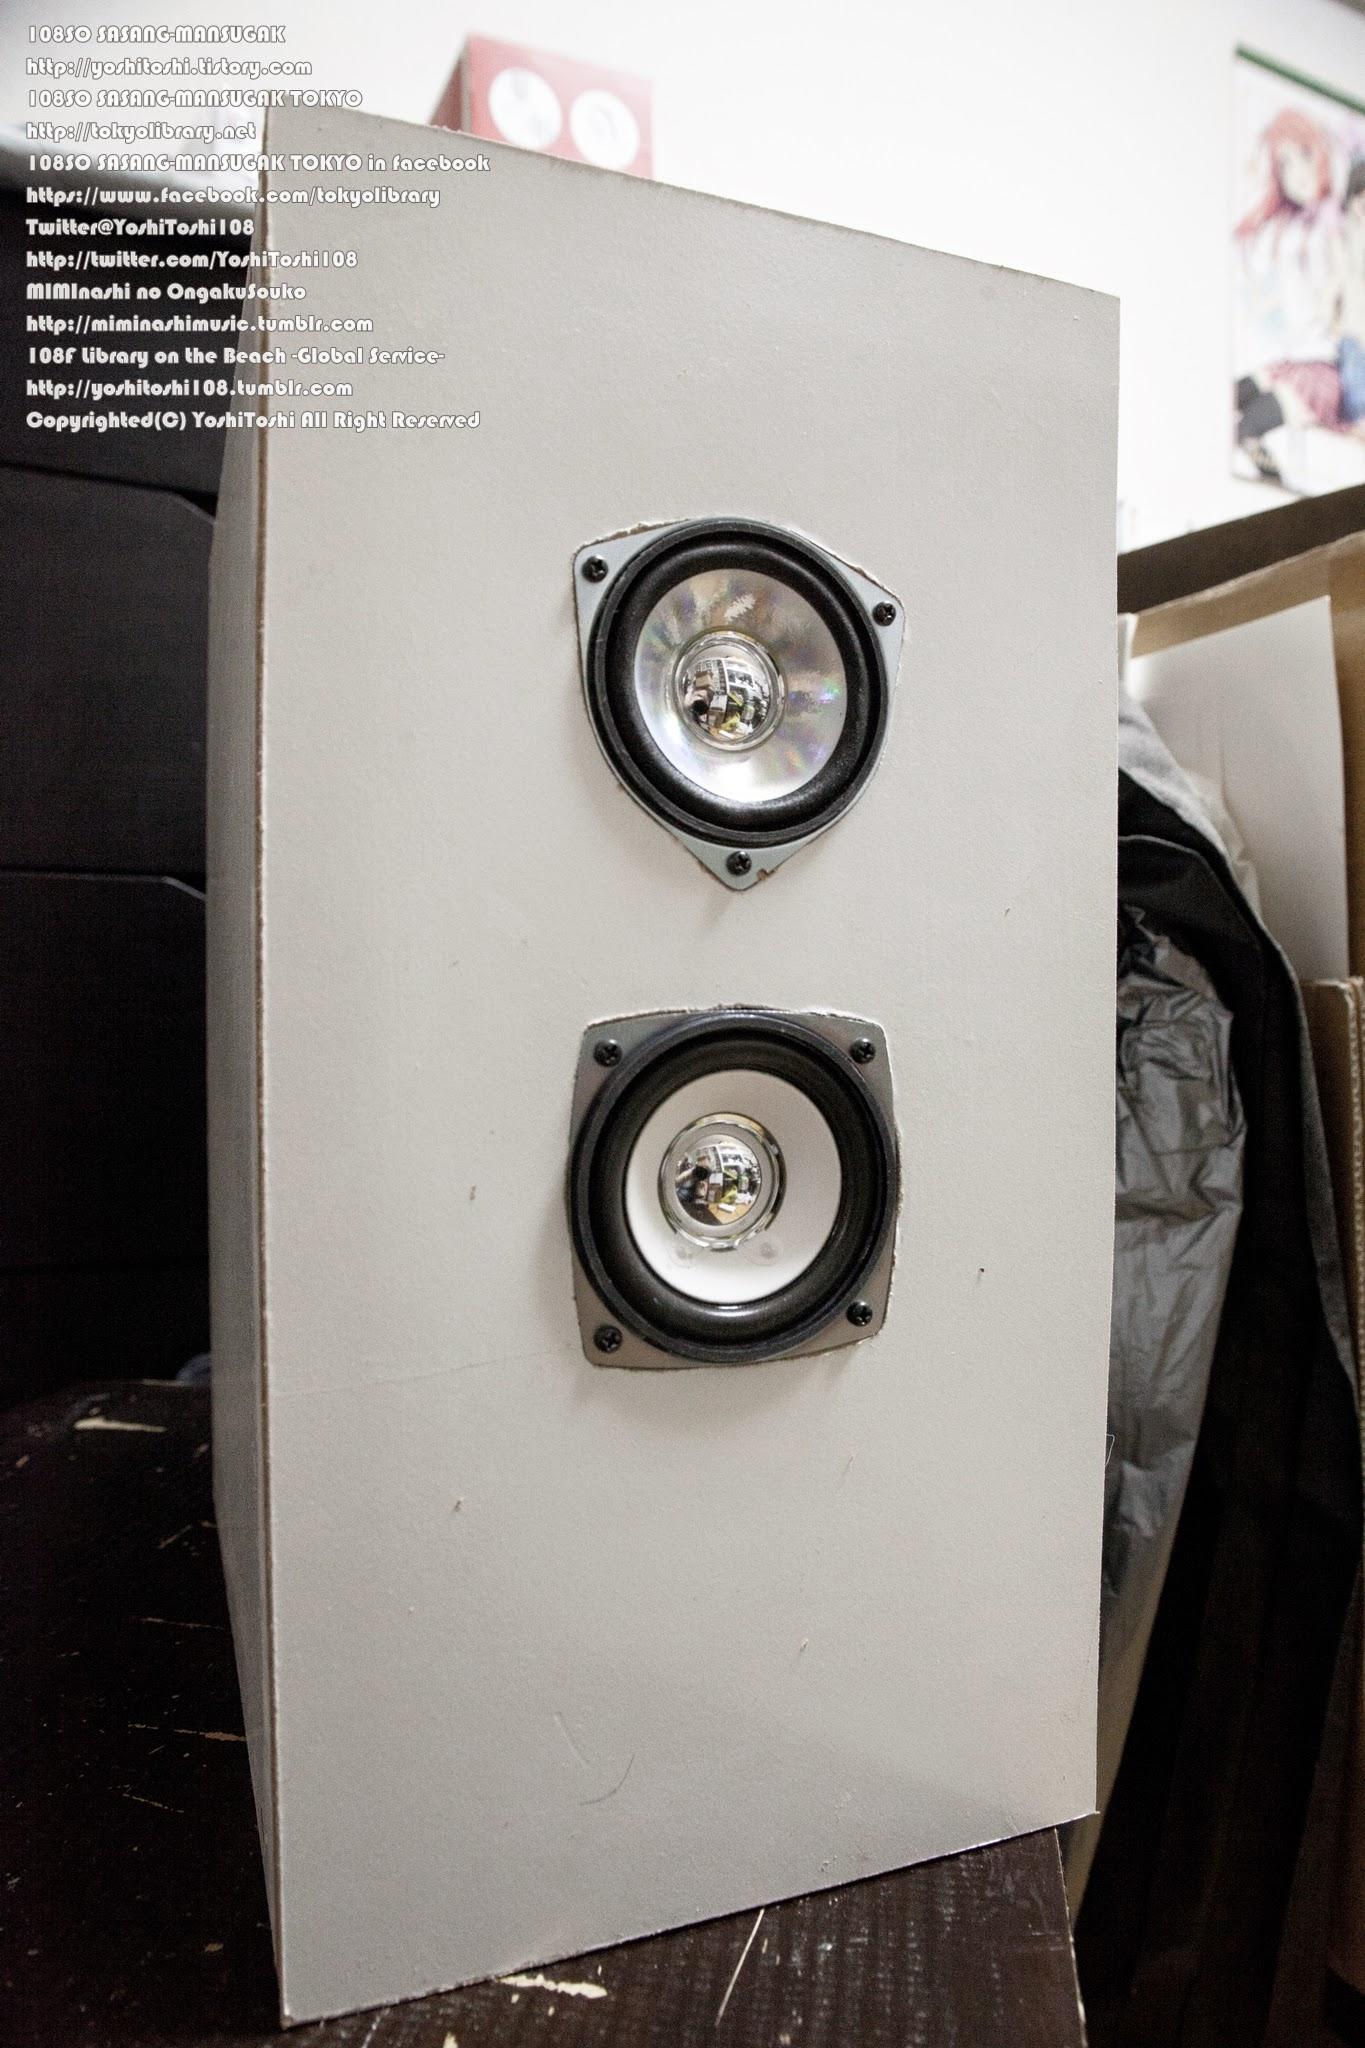 棚 リサイクル 自作 スピーカー 仕上げ 写真